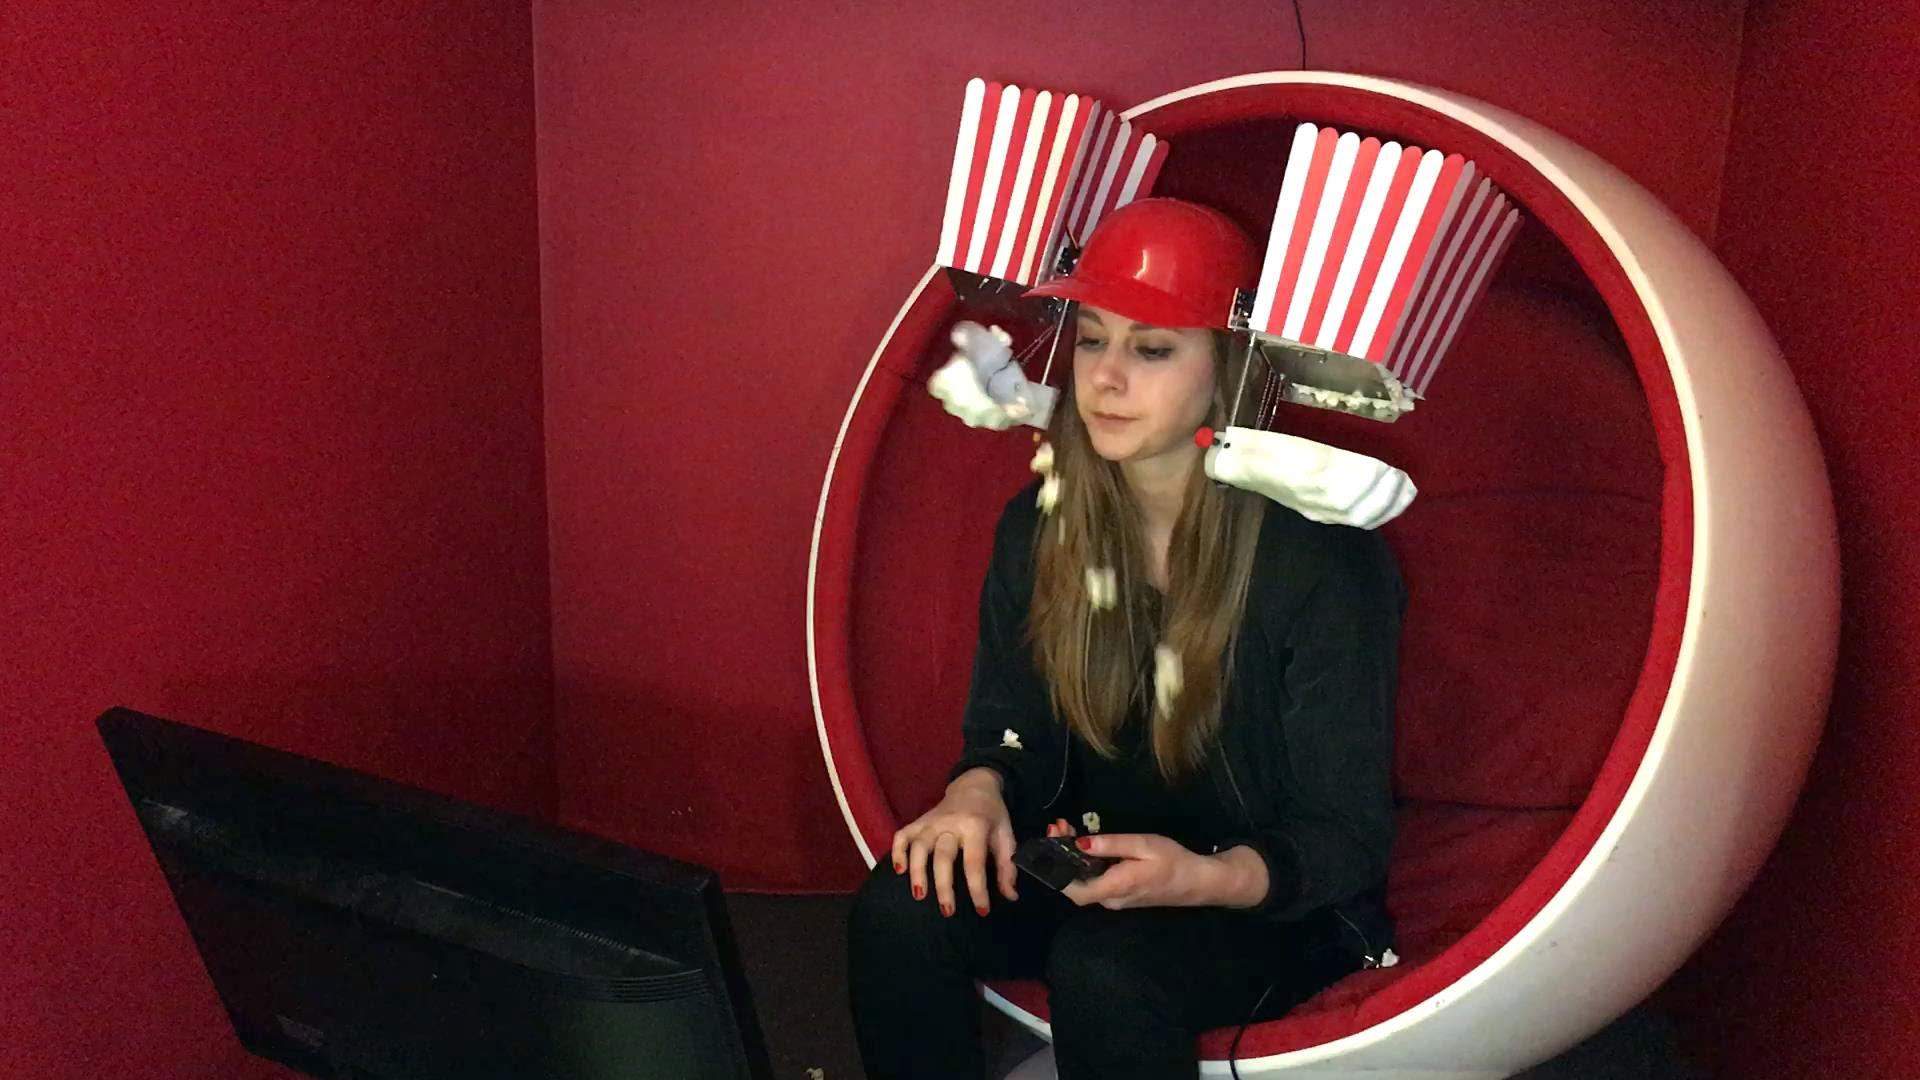 Simone Giertz, das Mädchen mit den lustigen Robotern, hat einen Popcorn-Fütter-Helm gebaut